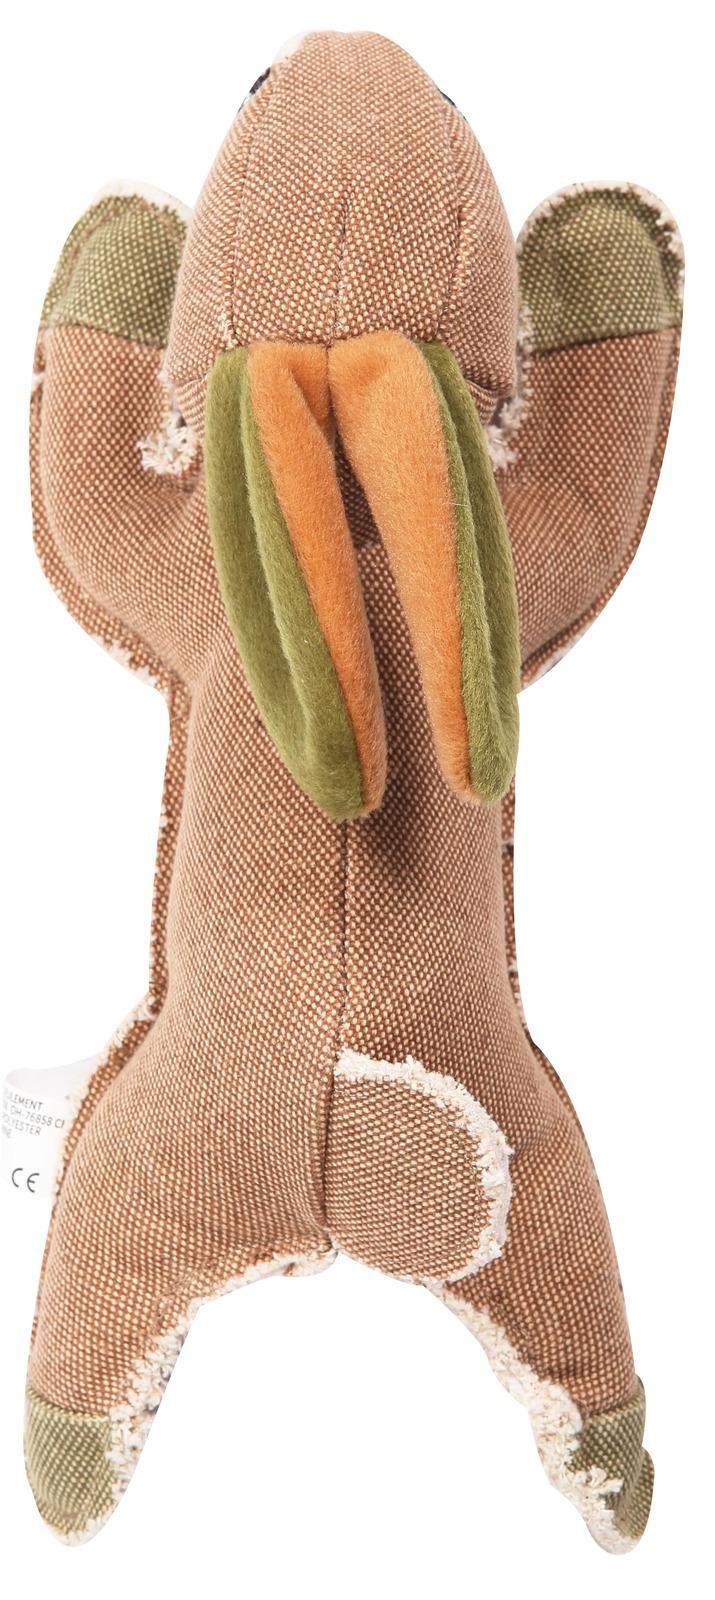 Pawise: Real Tuff Rabbit image